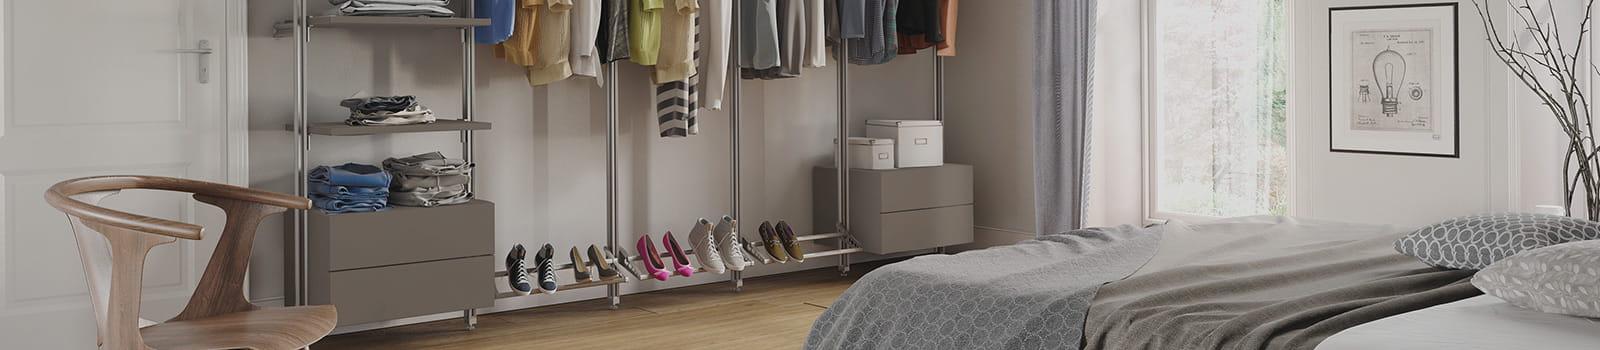 Premier storage wardrobe interior range